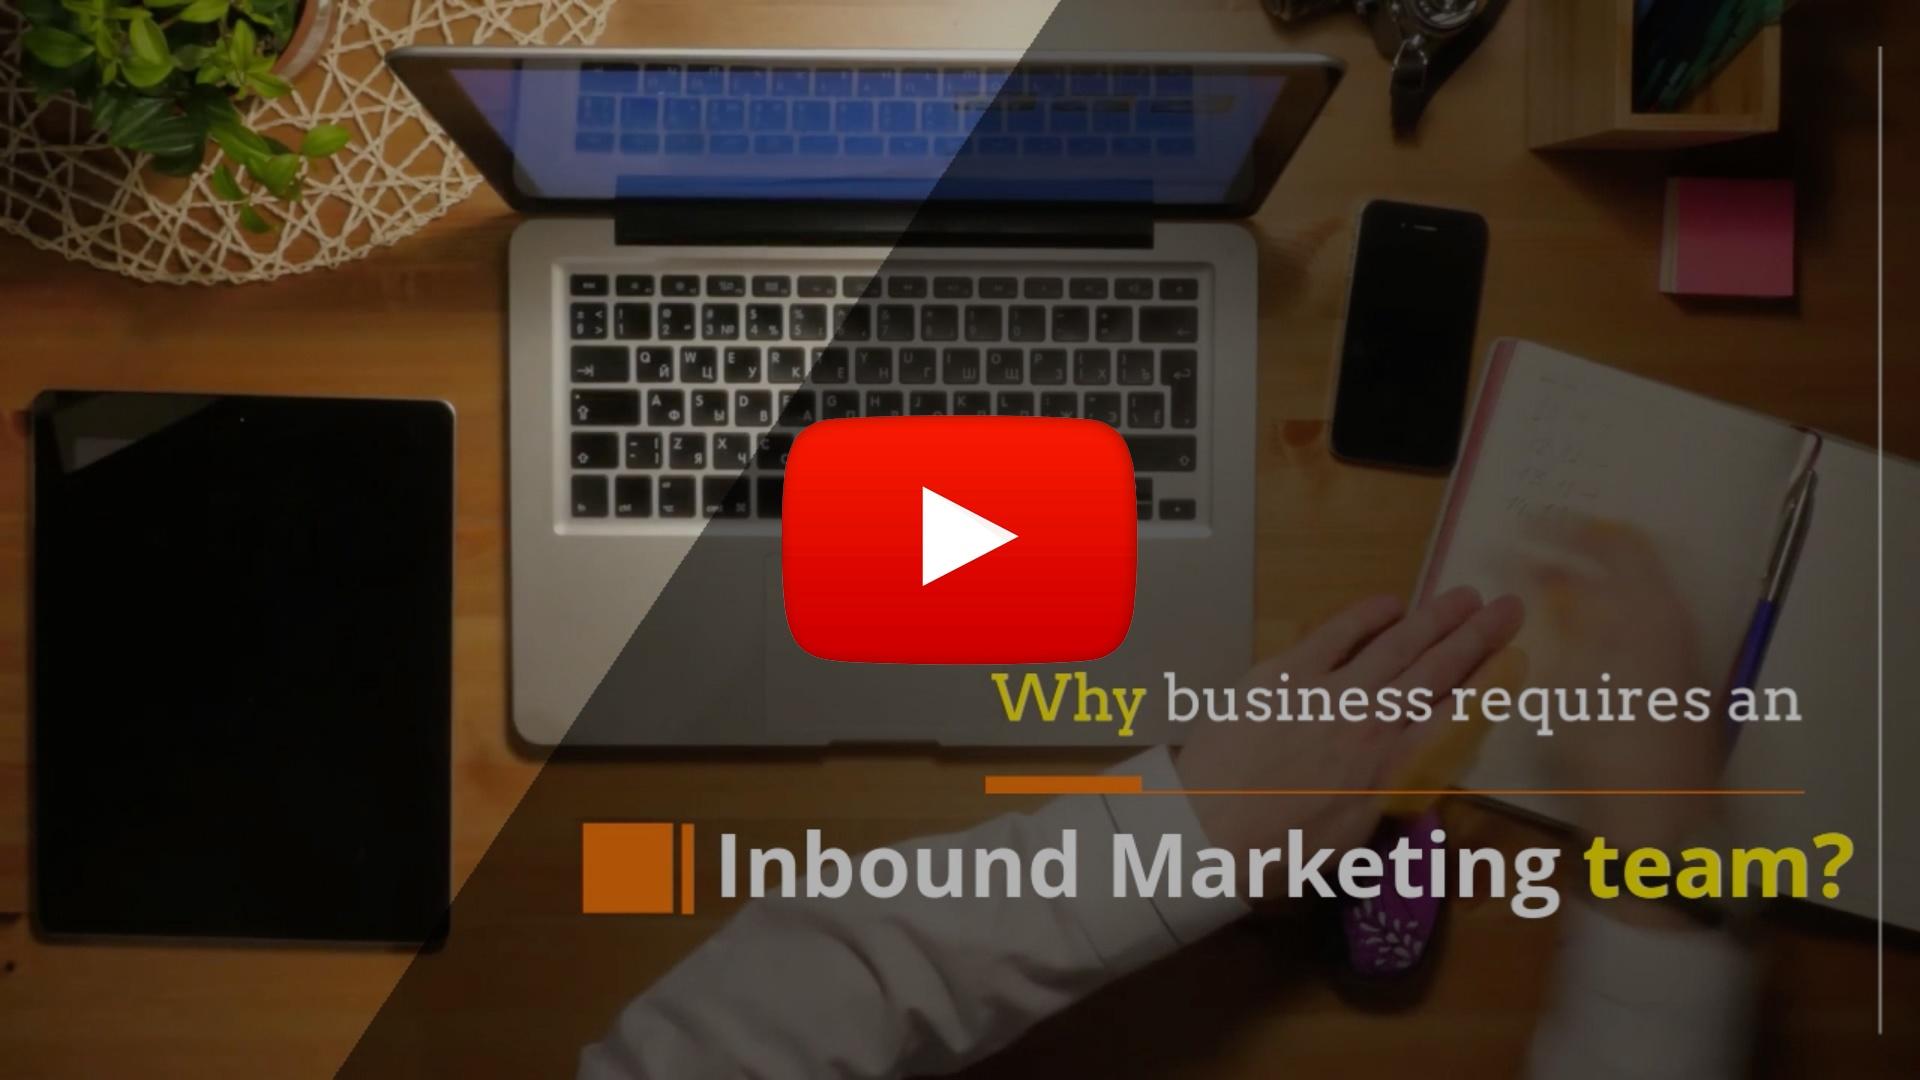 inbound-marketing-team-youtube.jpg